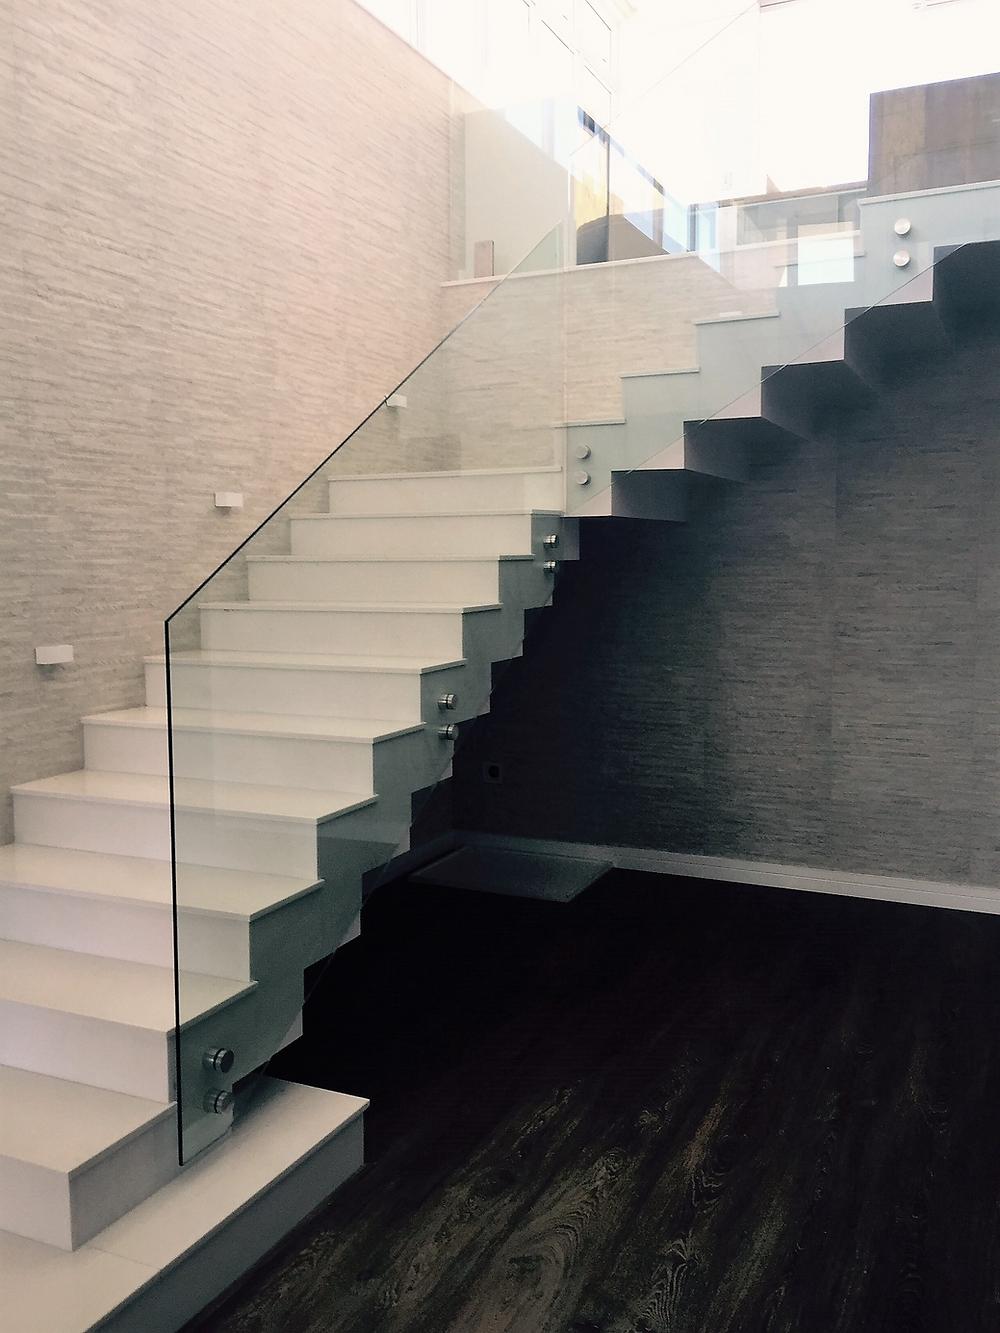 Escada projeto escritório Aletheia Westermann Arquitetos Juiz de Fora